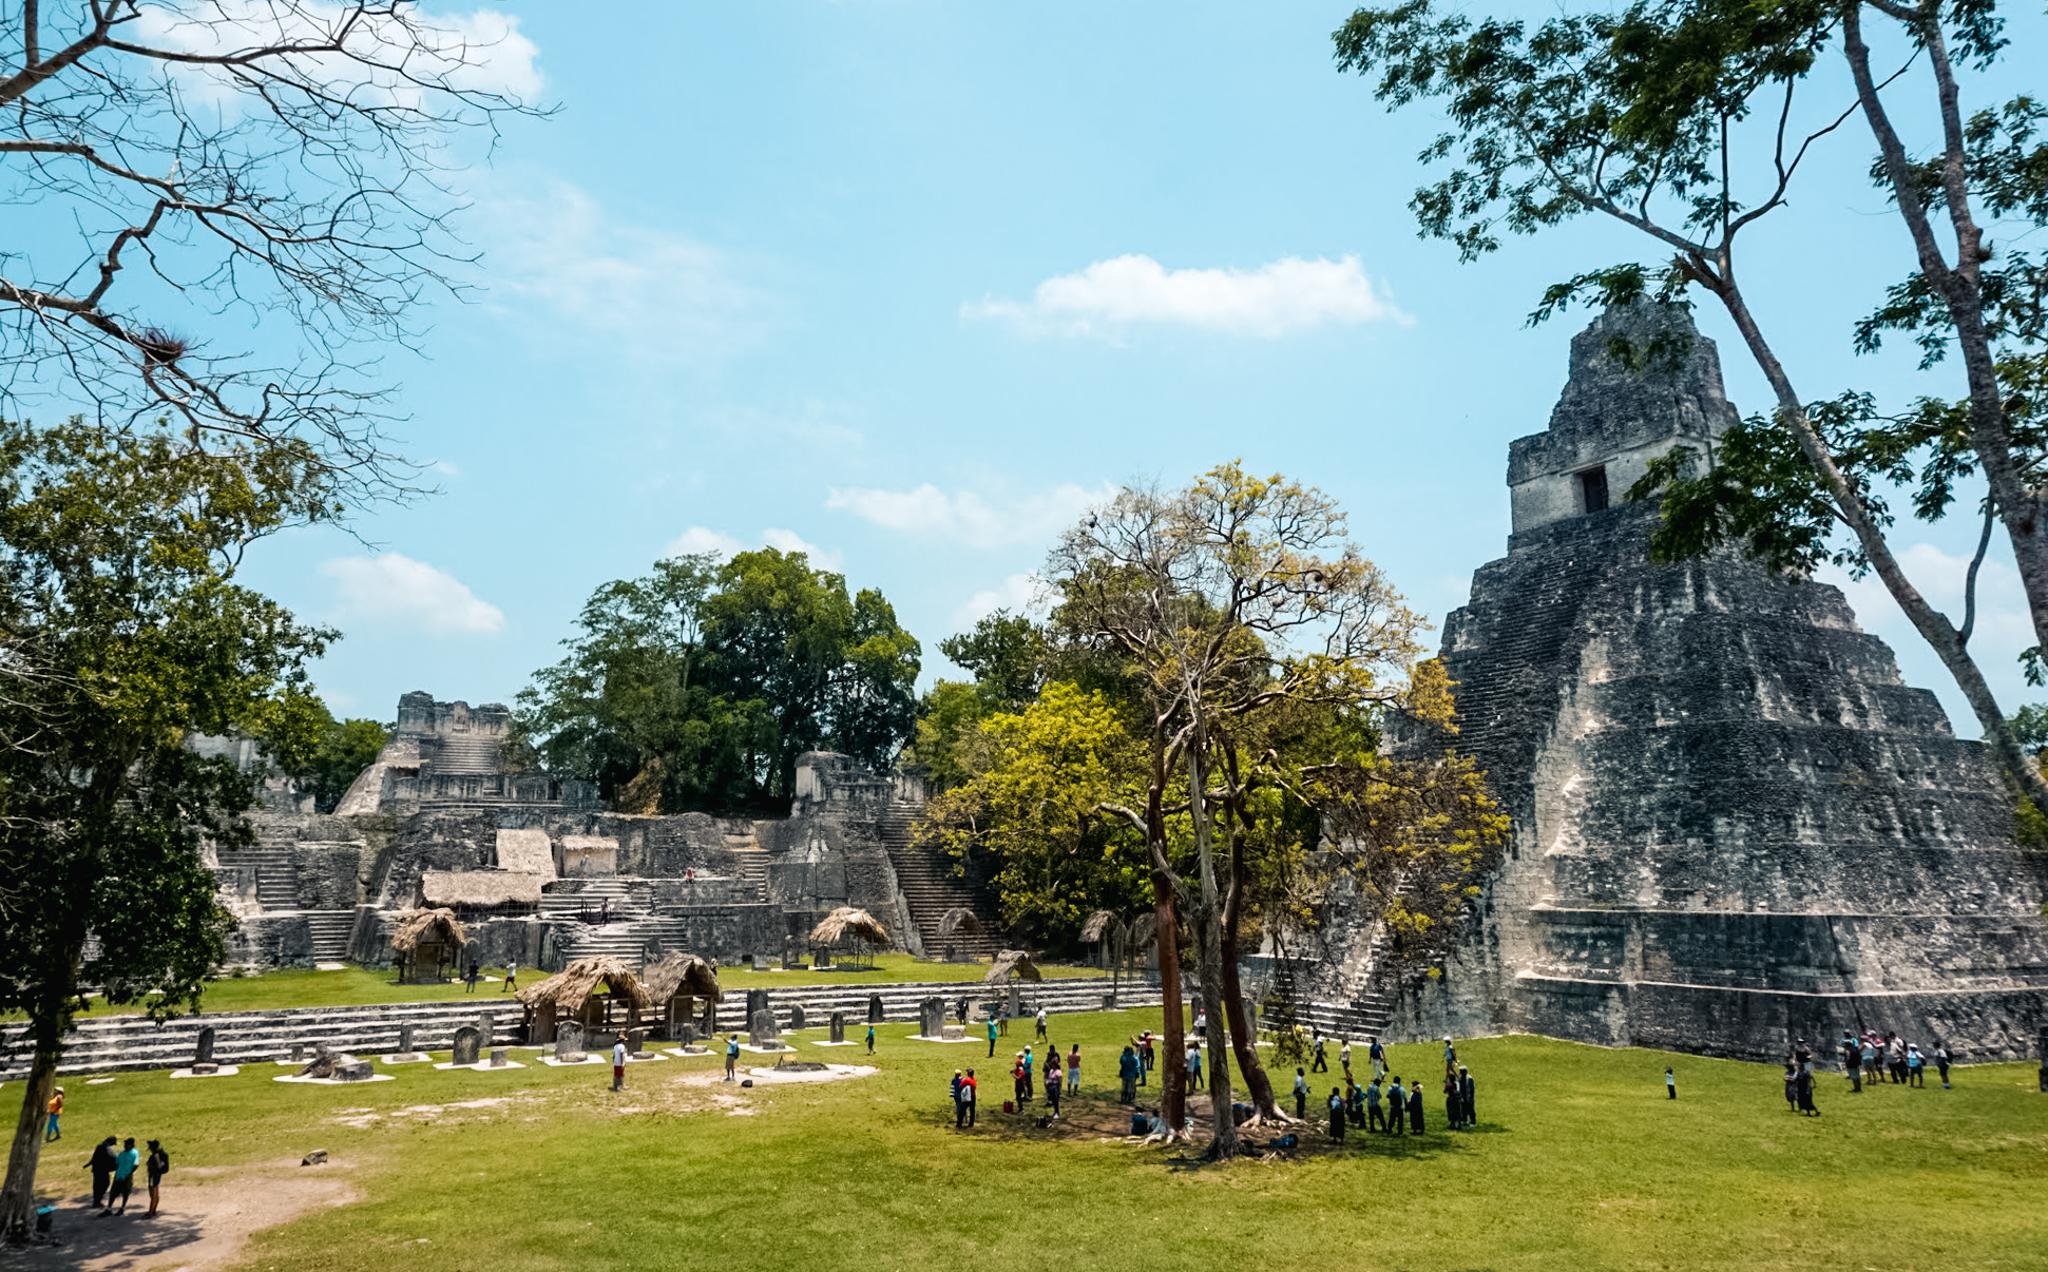 Gran Plaza, Tikal ruins